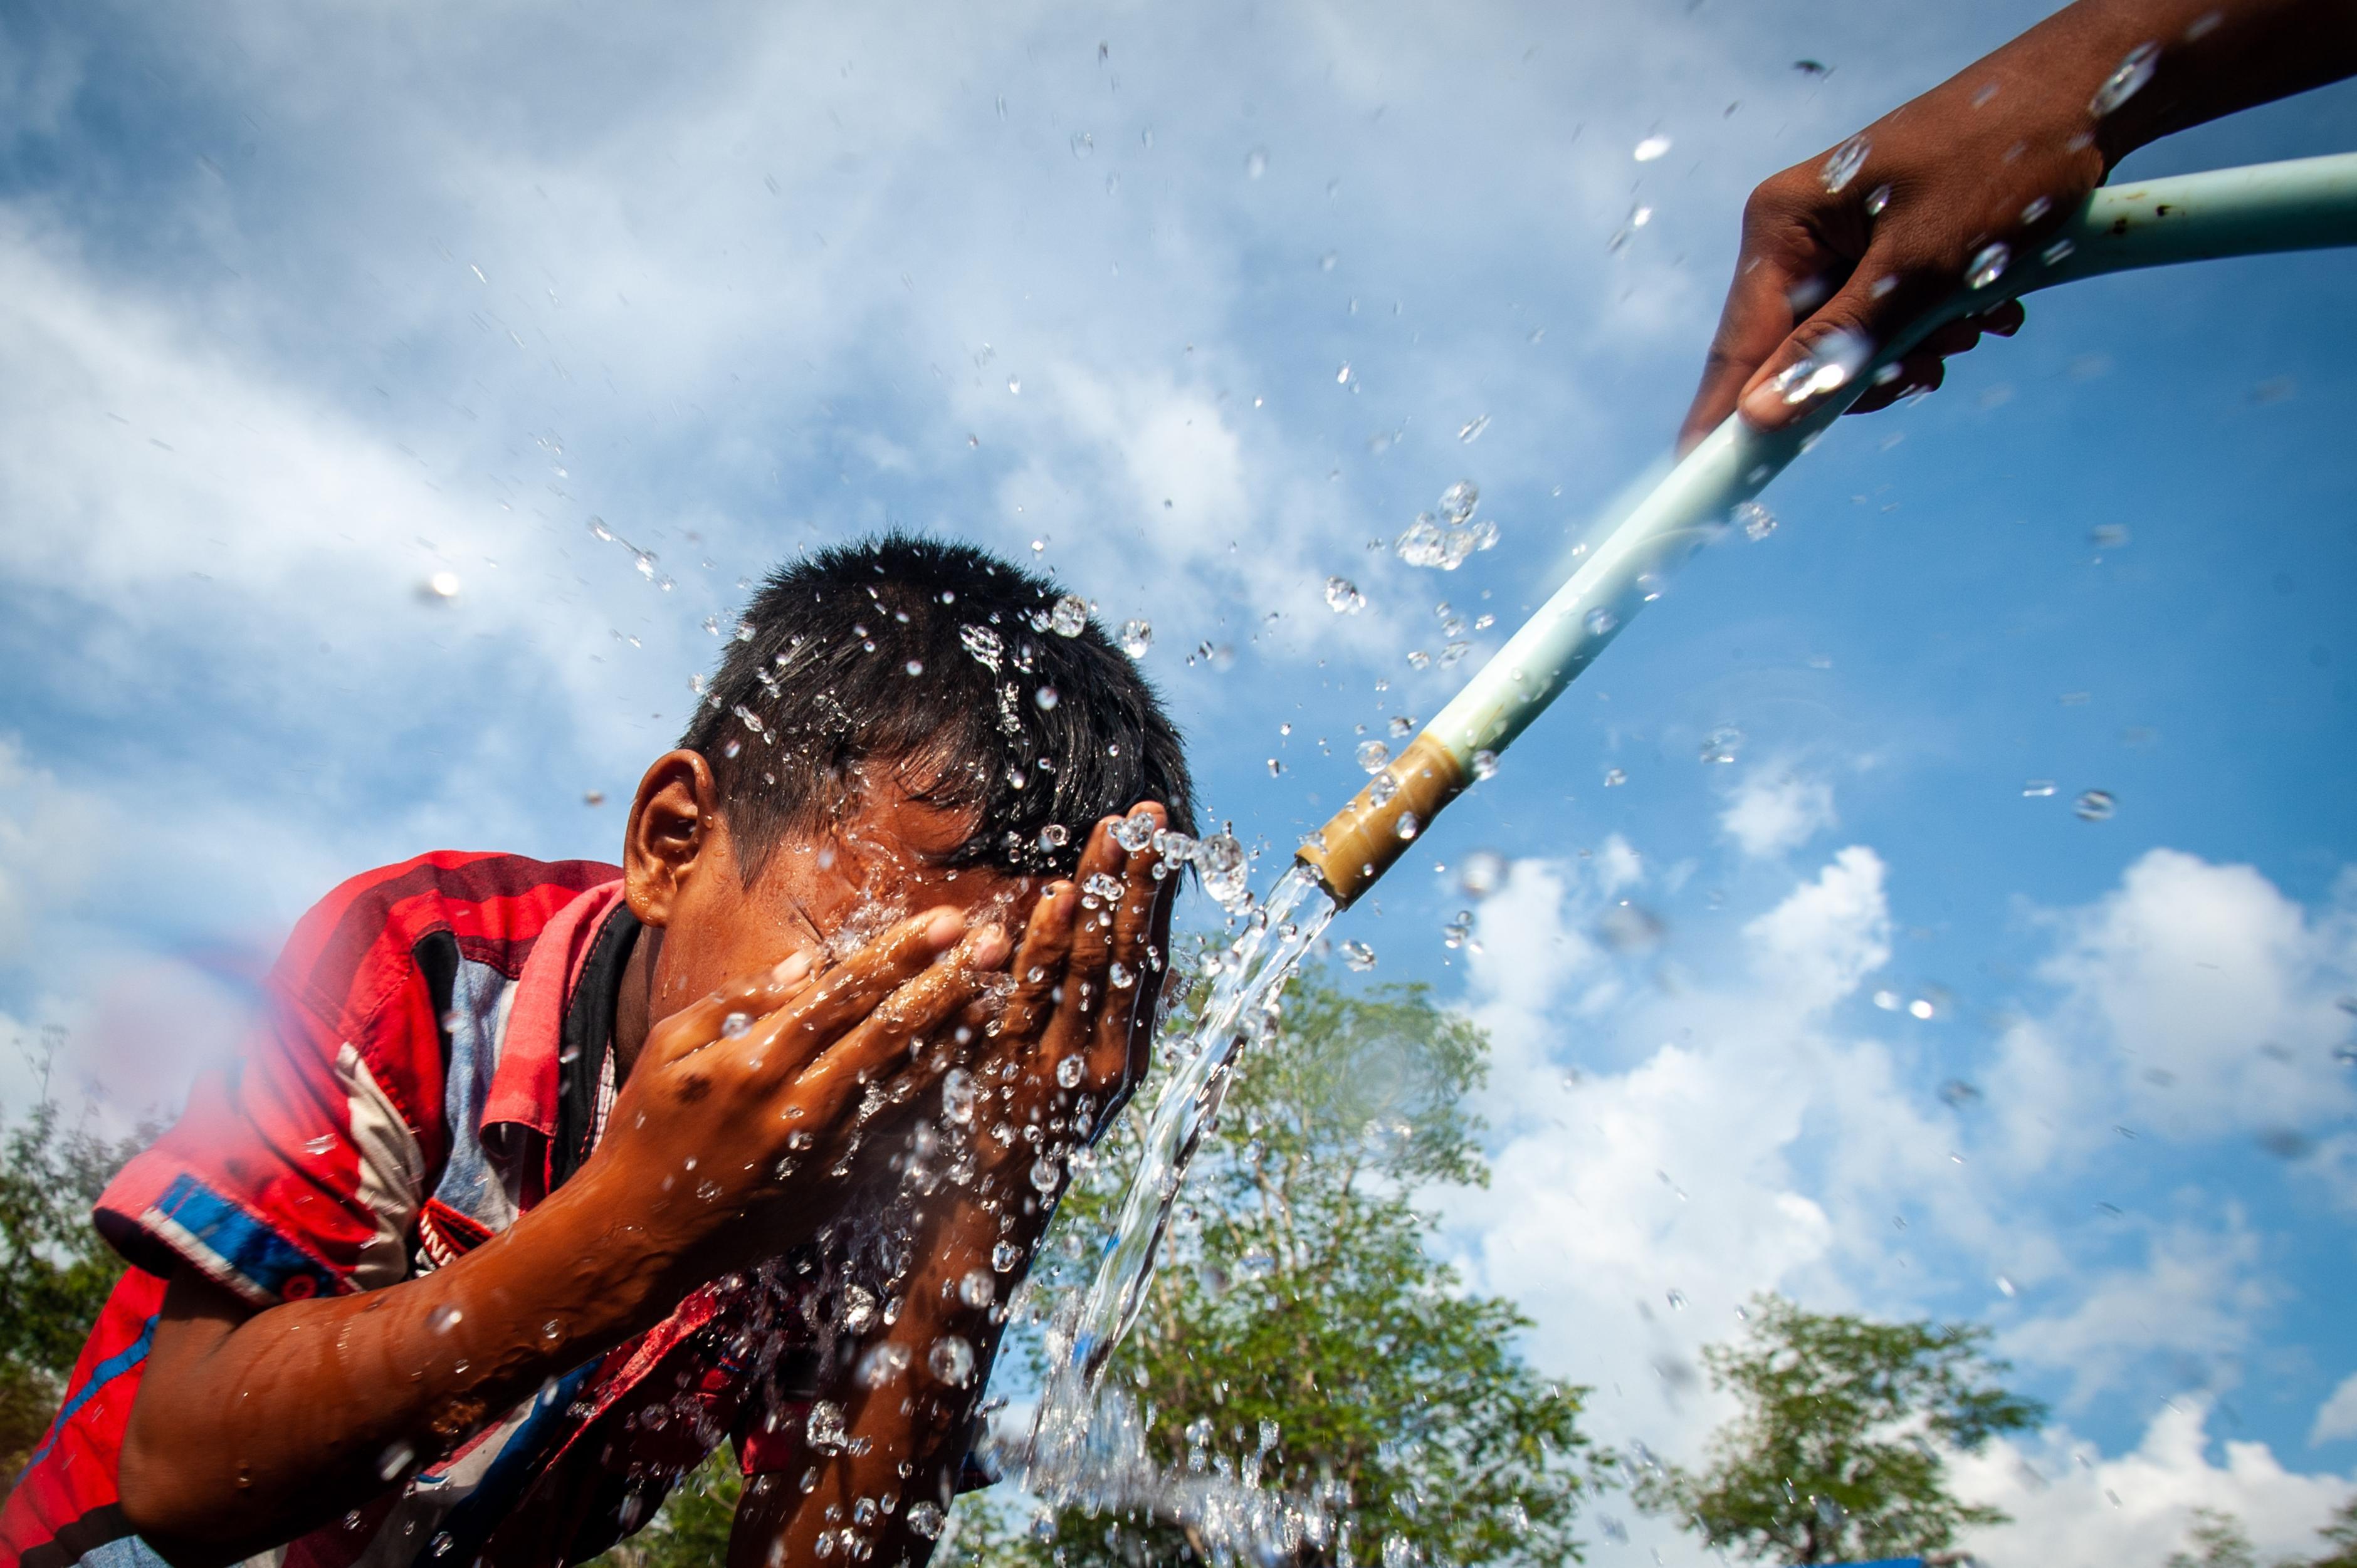 Ein Junge wäscht sich das Gesicht unter einem Wasserschlauch.